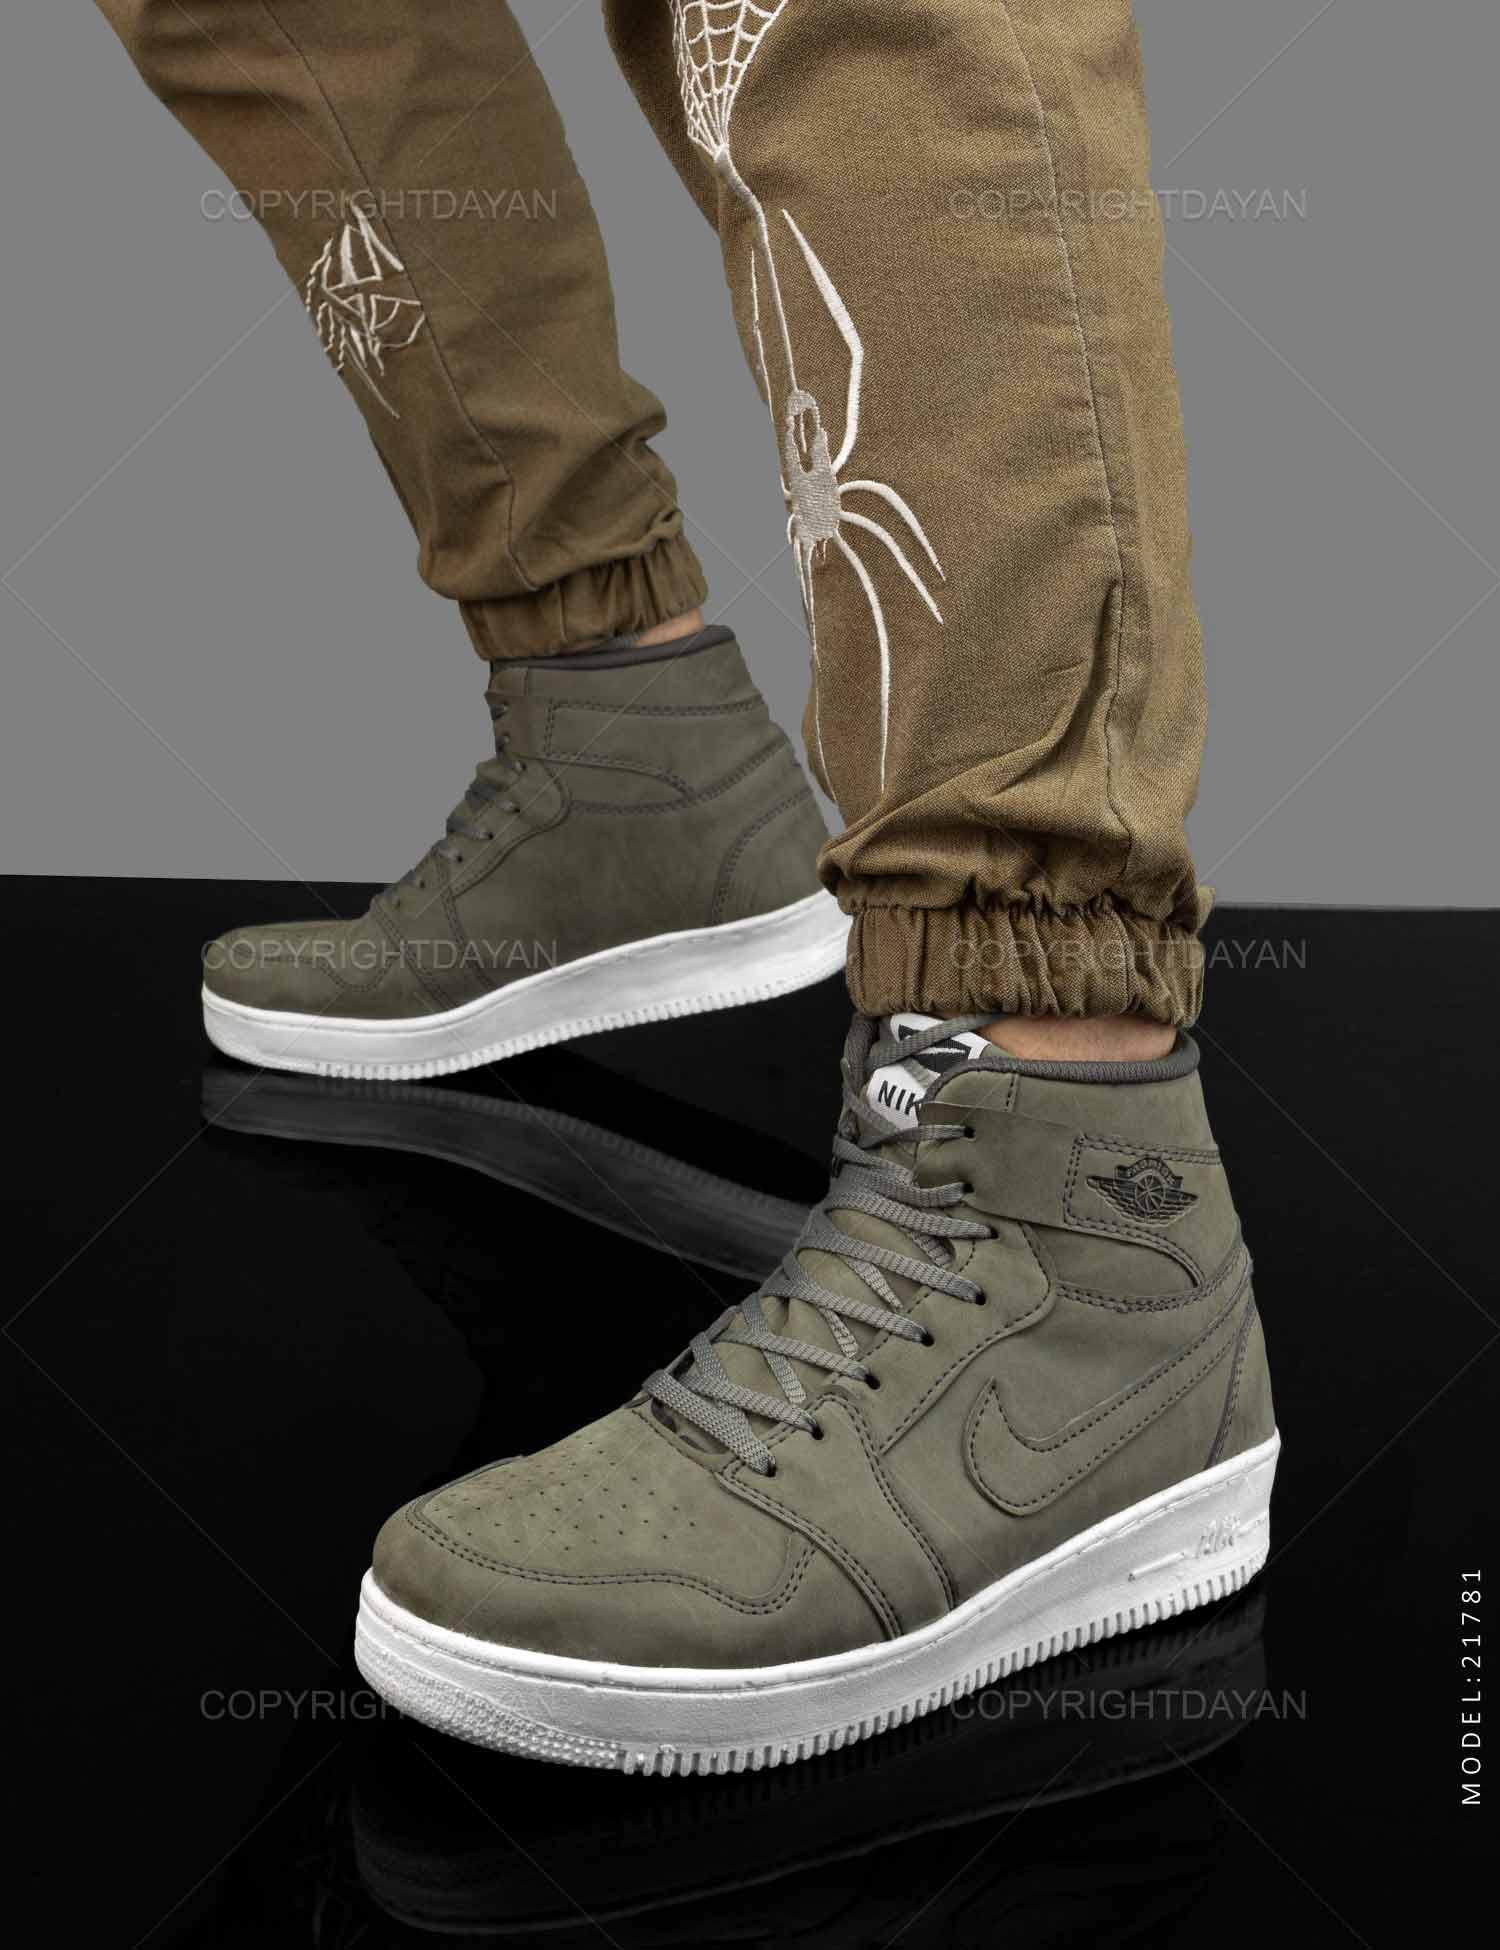 کفش ساقدار مردانه Nike مدل 21781 کفش ساقدار مردانه Nike مدل 21781 189,000 تومان